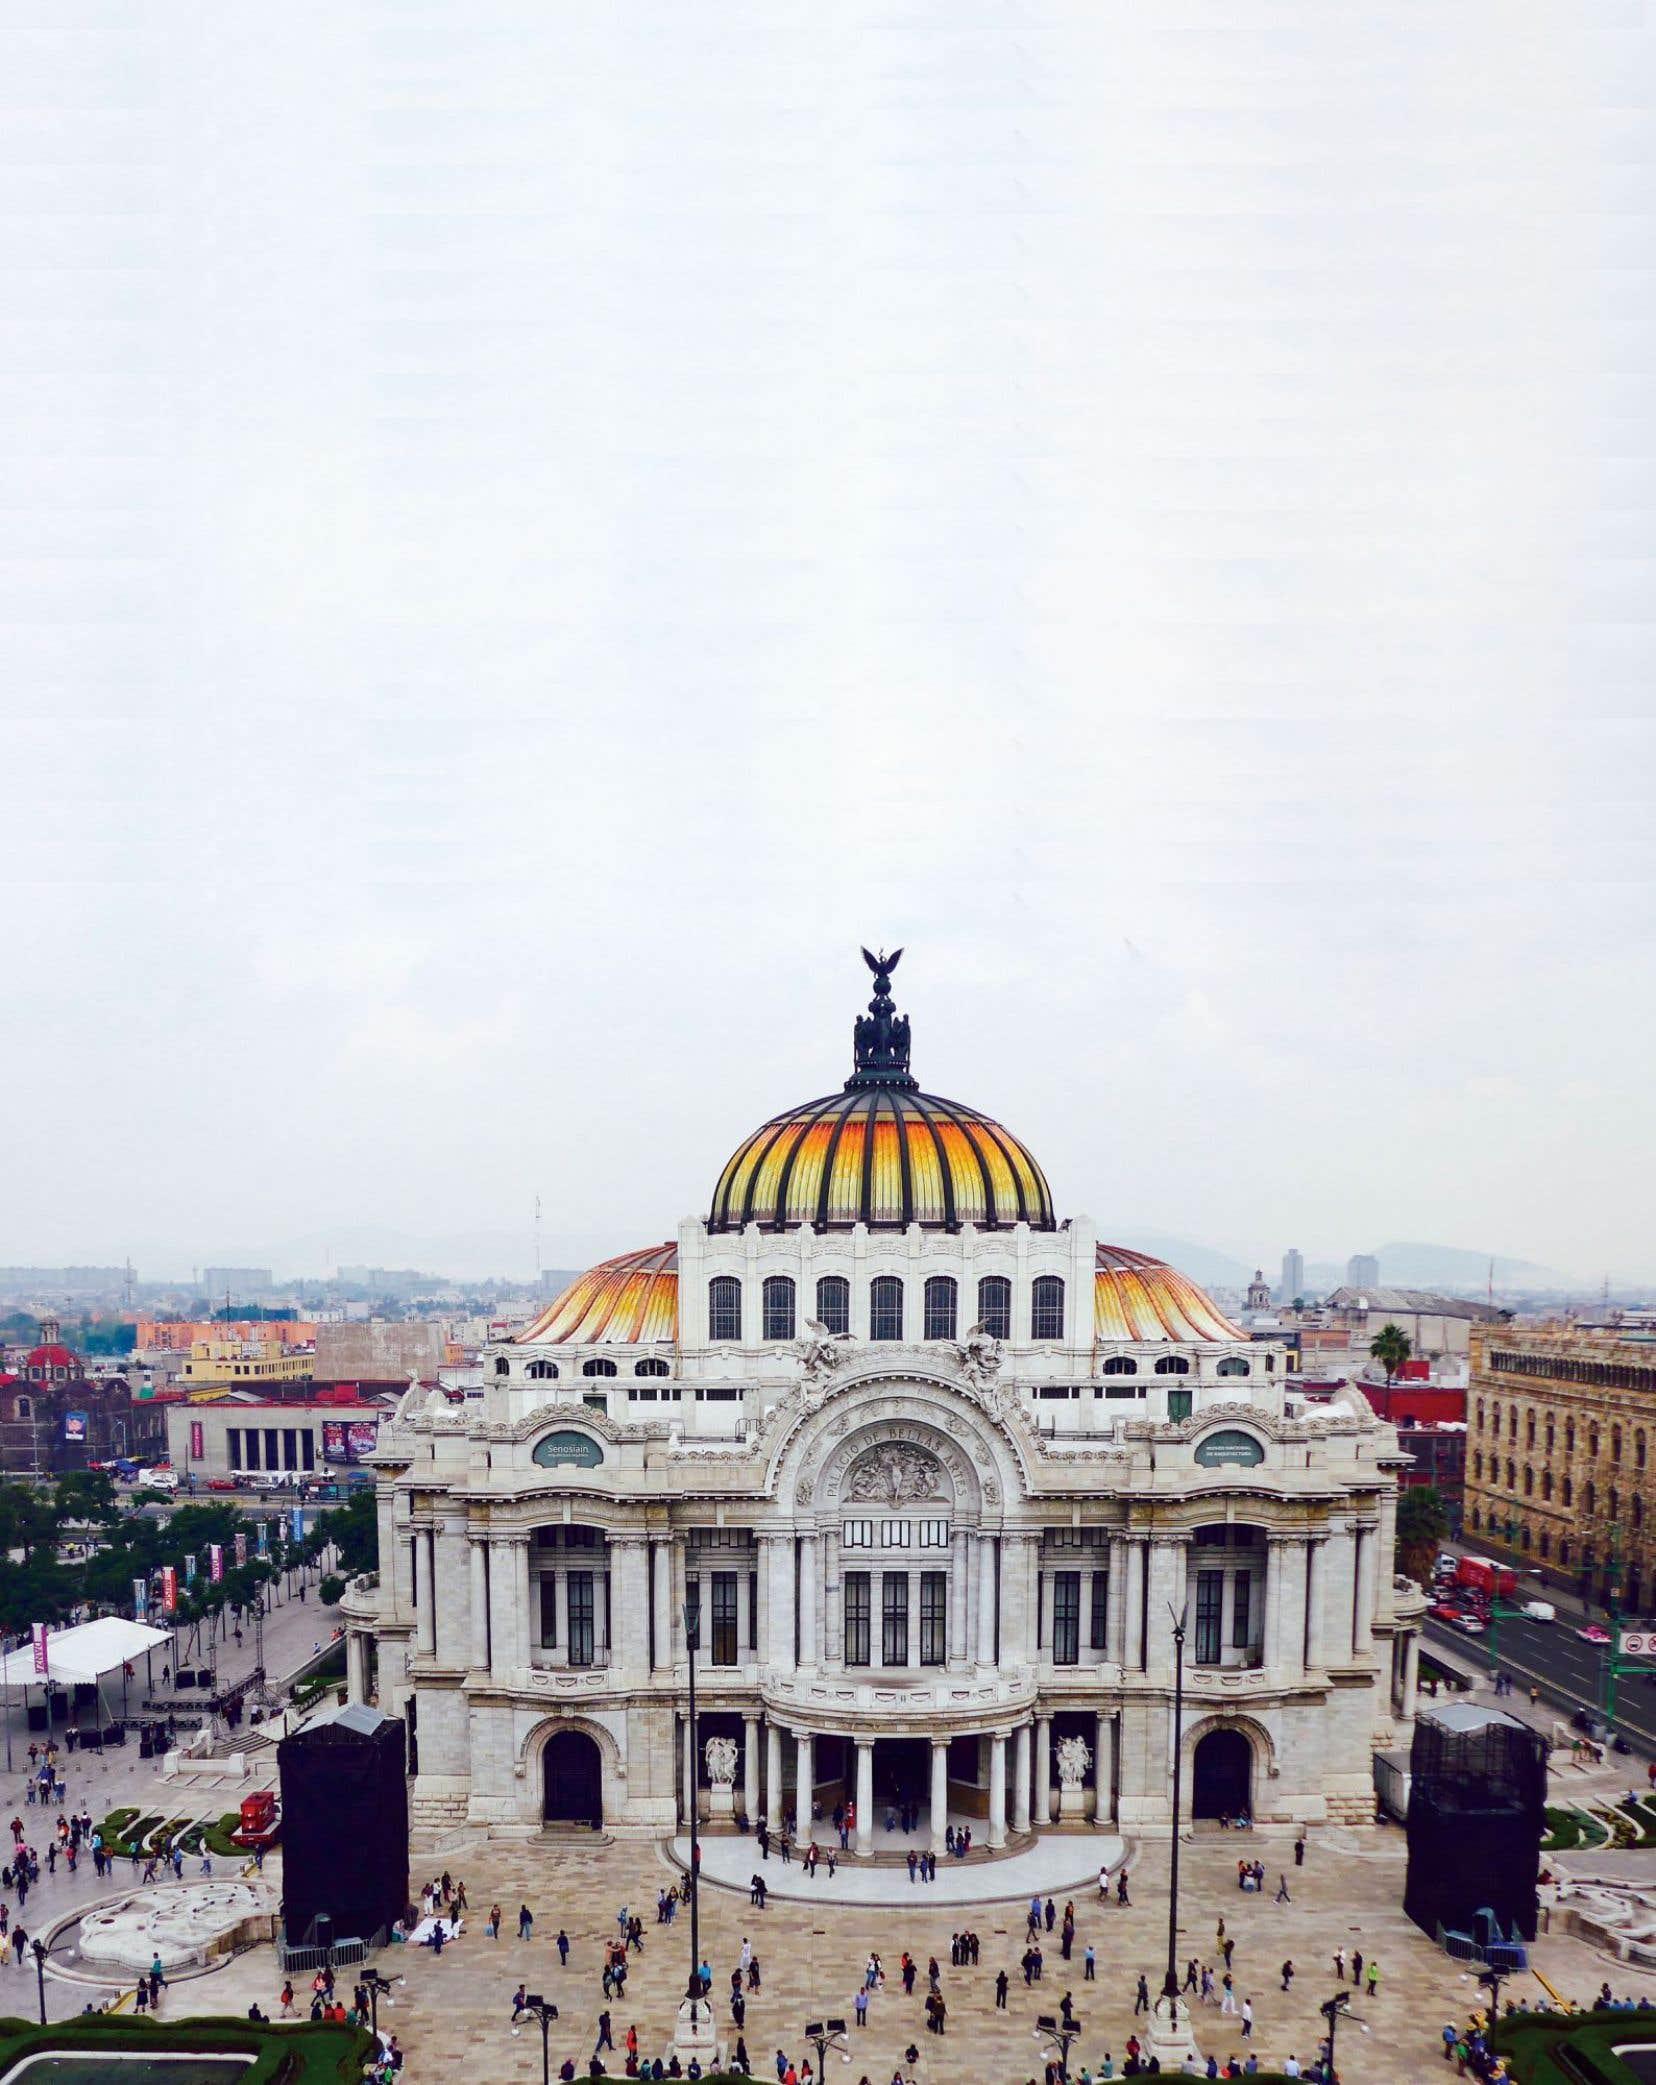 Le Palais des beaux-arts, construit pendant la dictature de Porfirio Diaz à la fin du XIXe, a été inspiré de l'opéra Garnier à Paris.